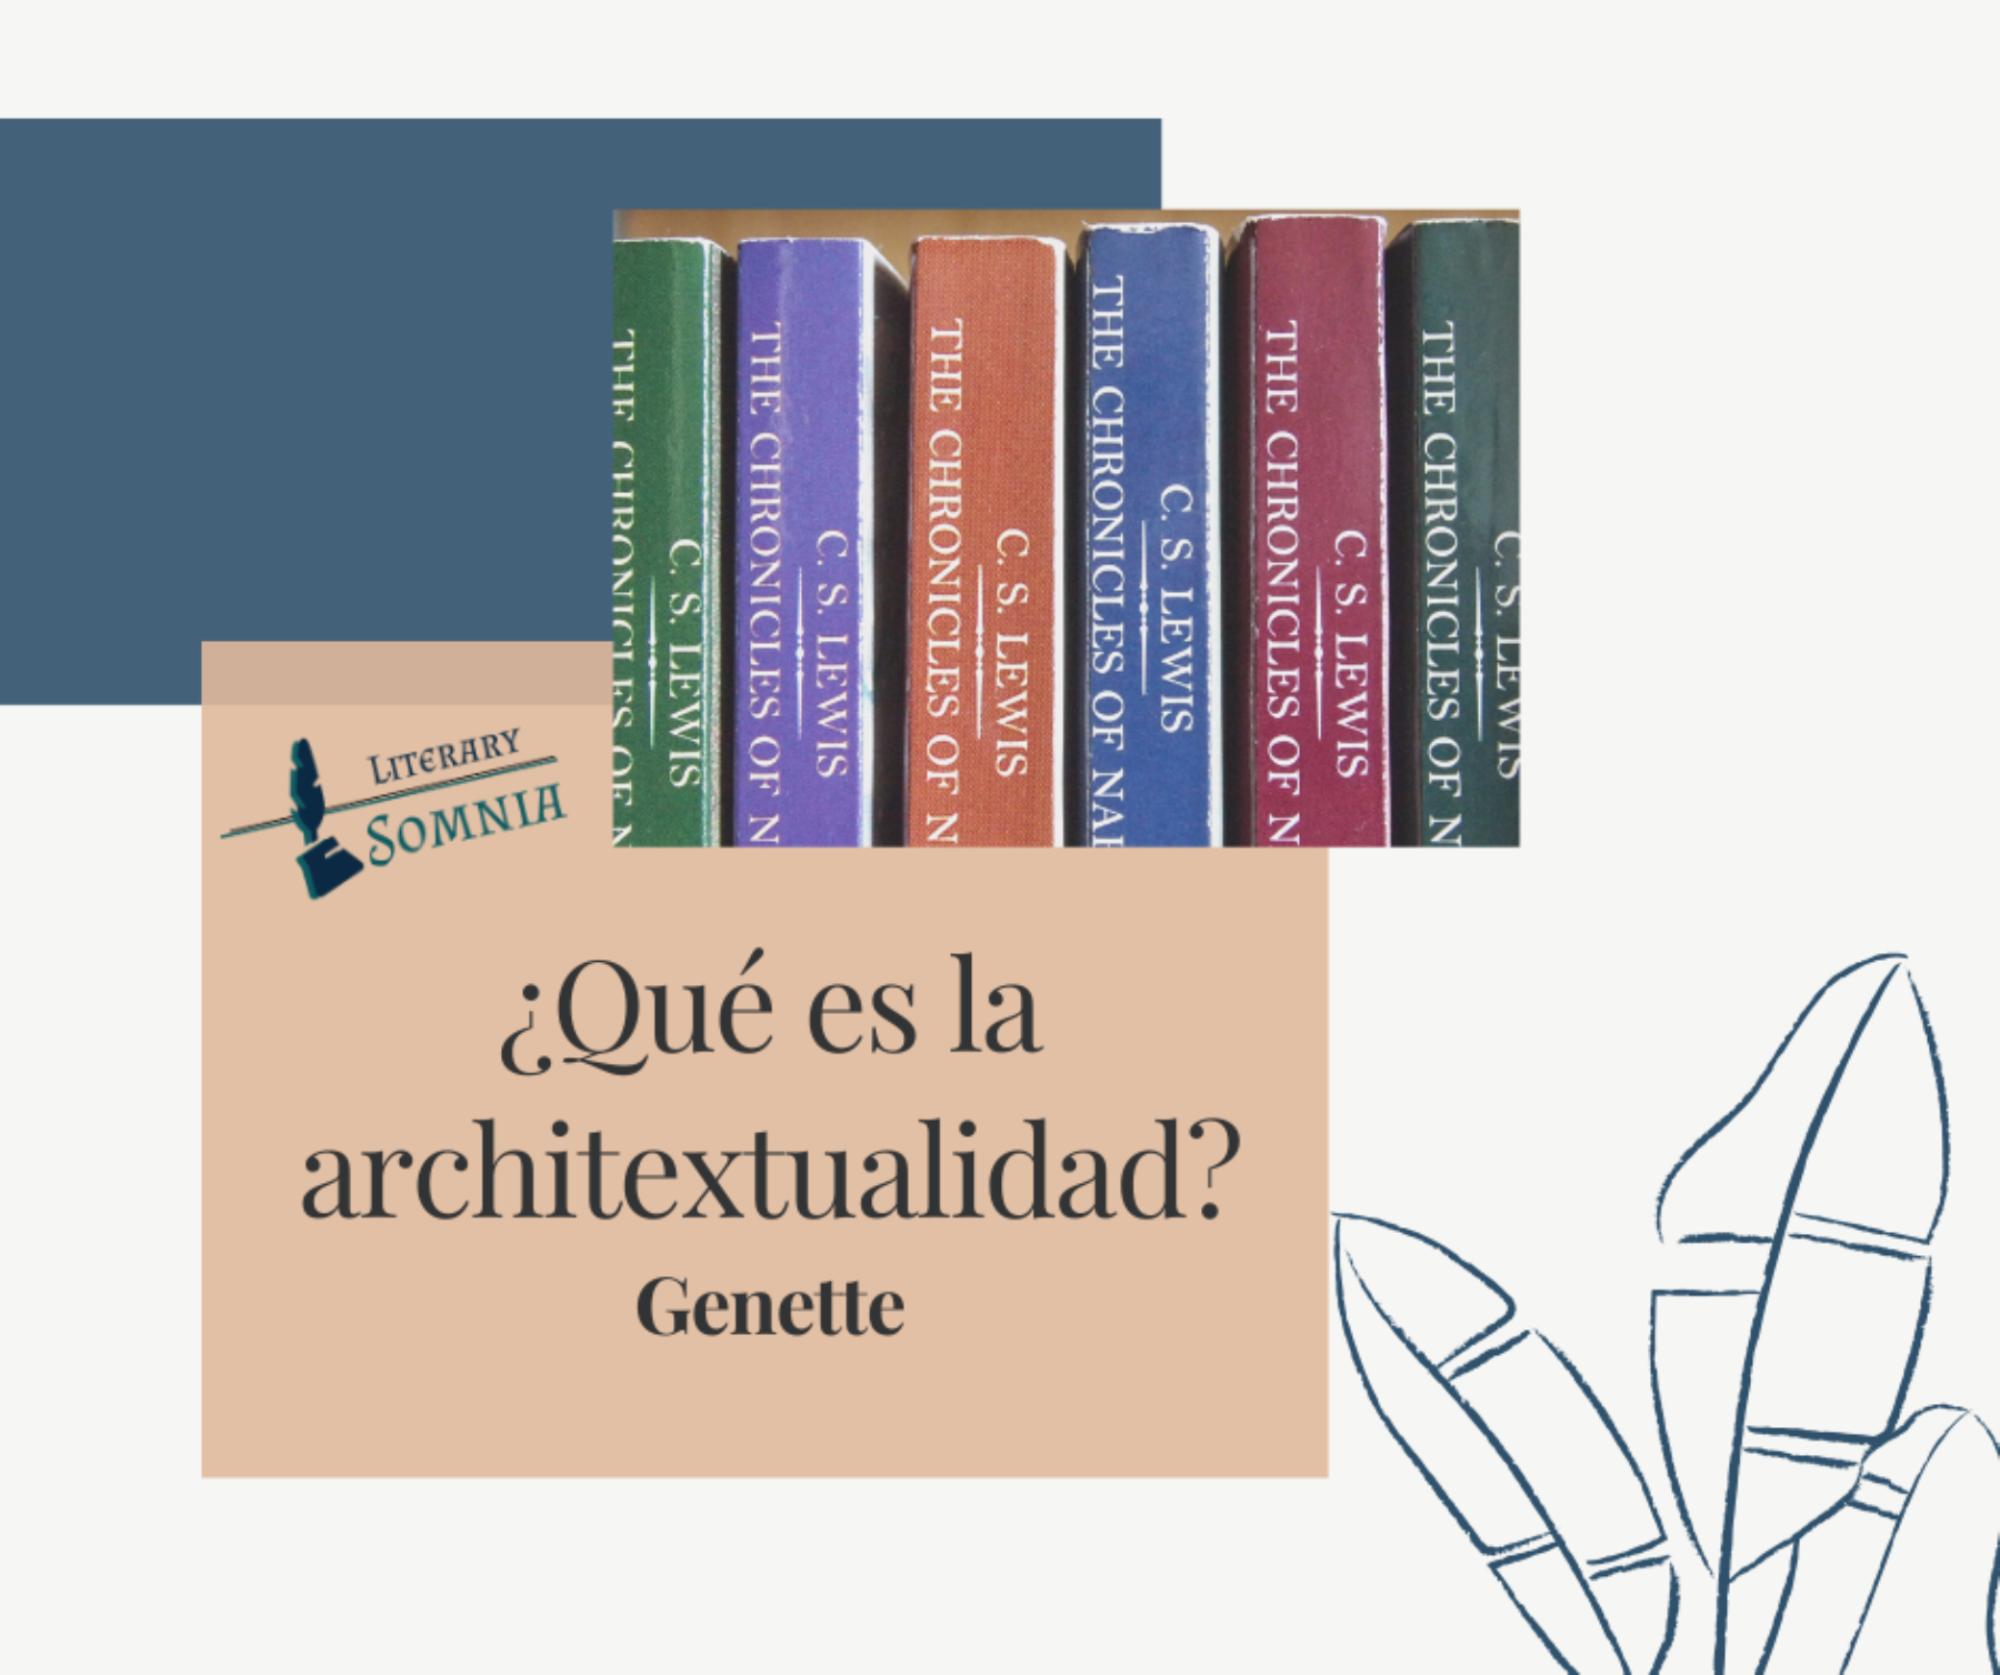 architextualidad en la literatura